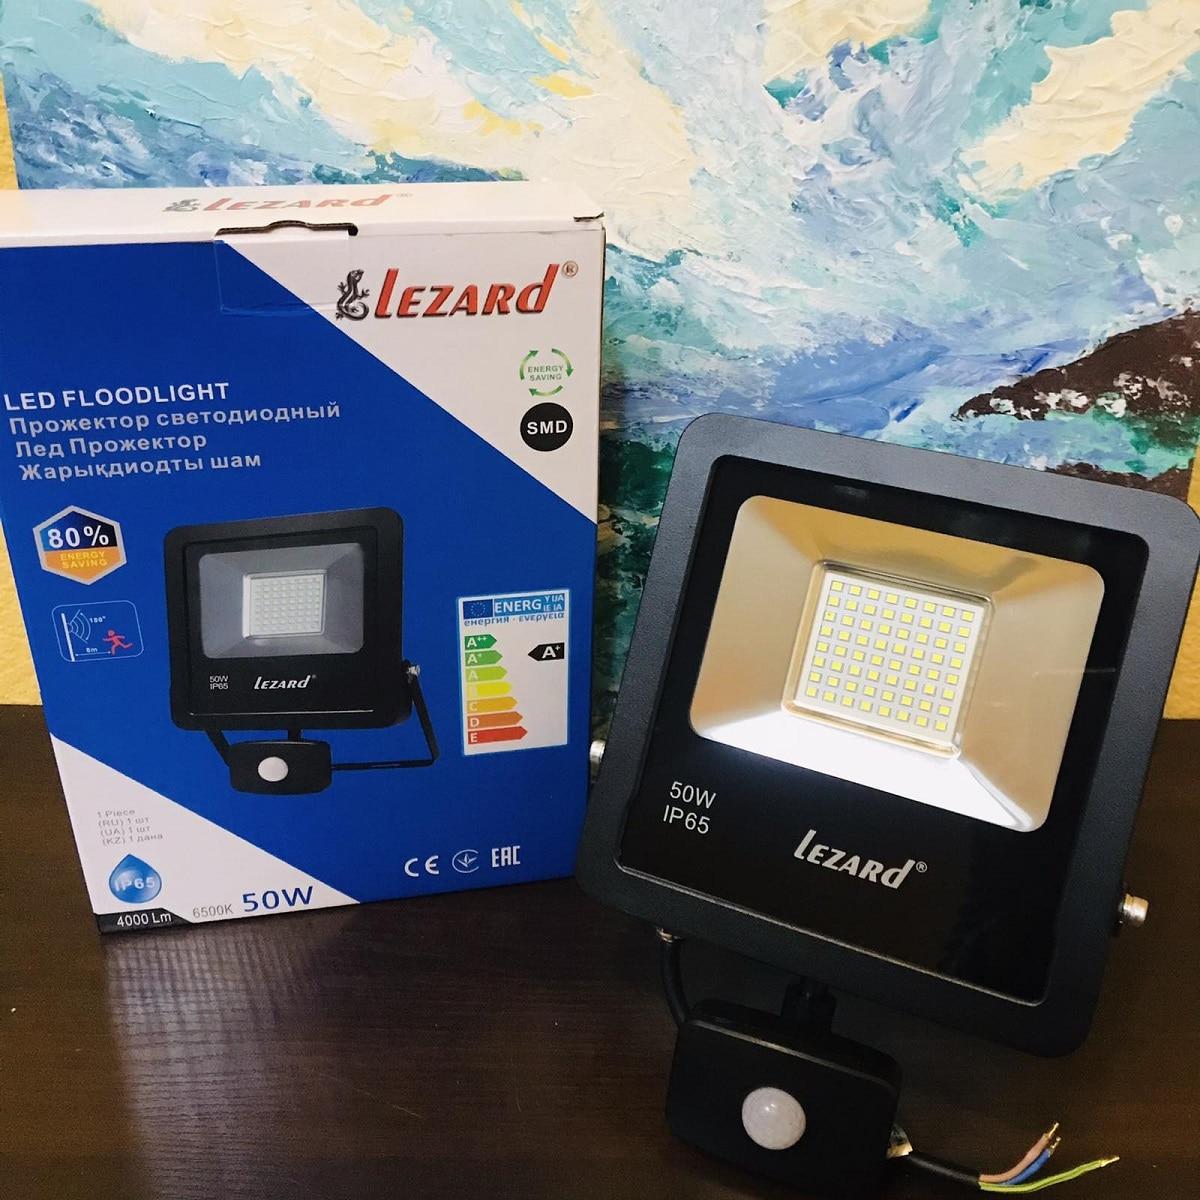 Светодиодное освещение - Прожектор с датчиком движения 50Вт Lezard 000001133 - Фото 1